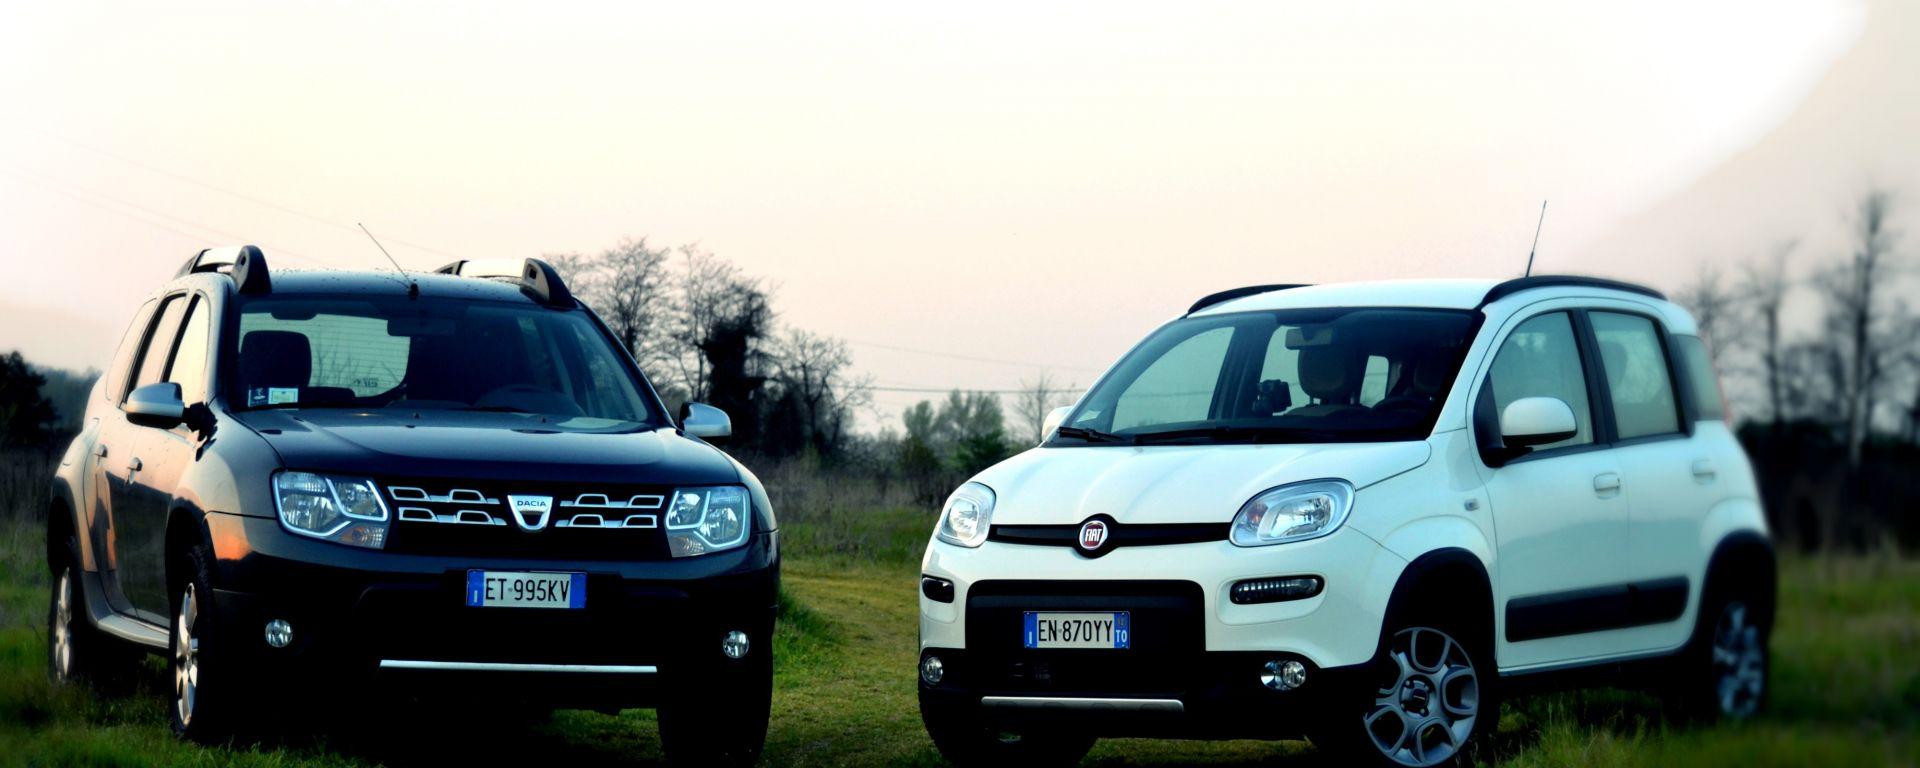 Fiat Panda 4x4 vs Dacia Duster 4WD